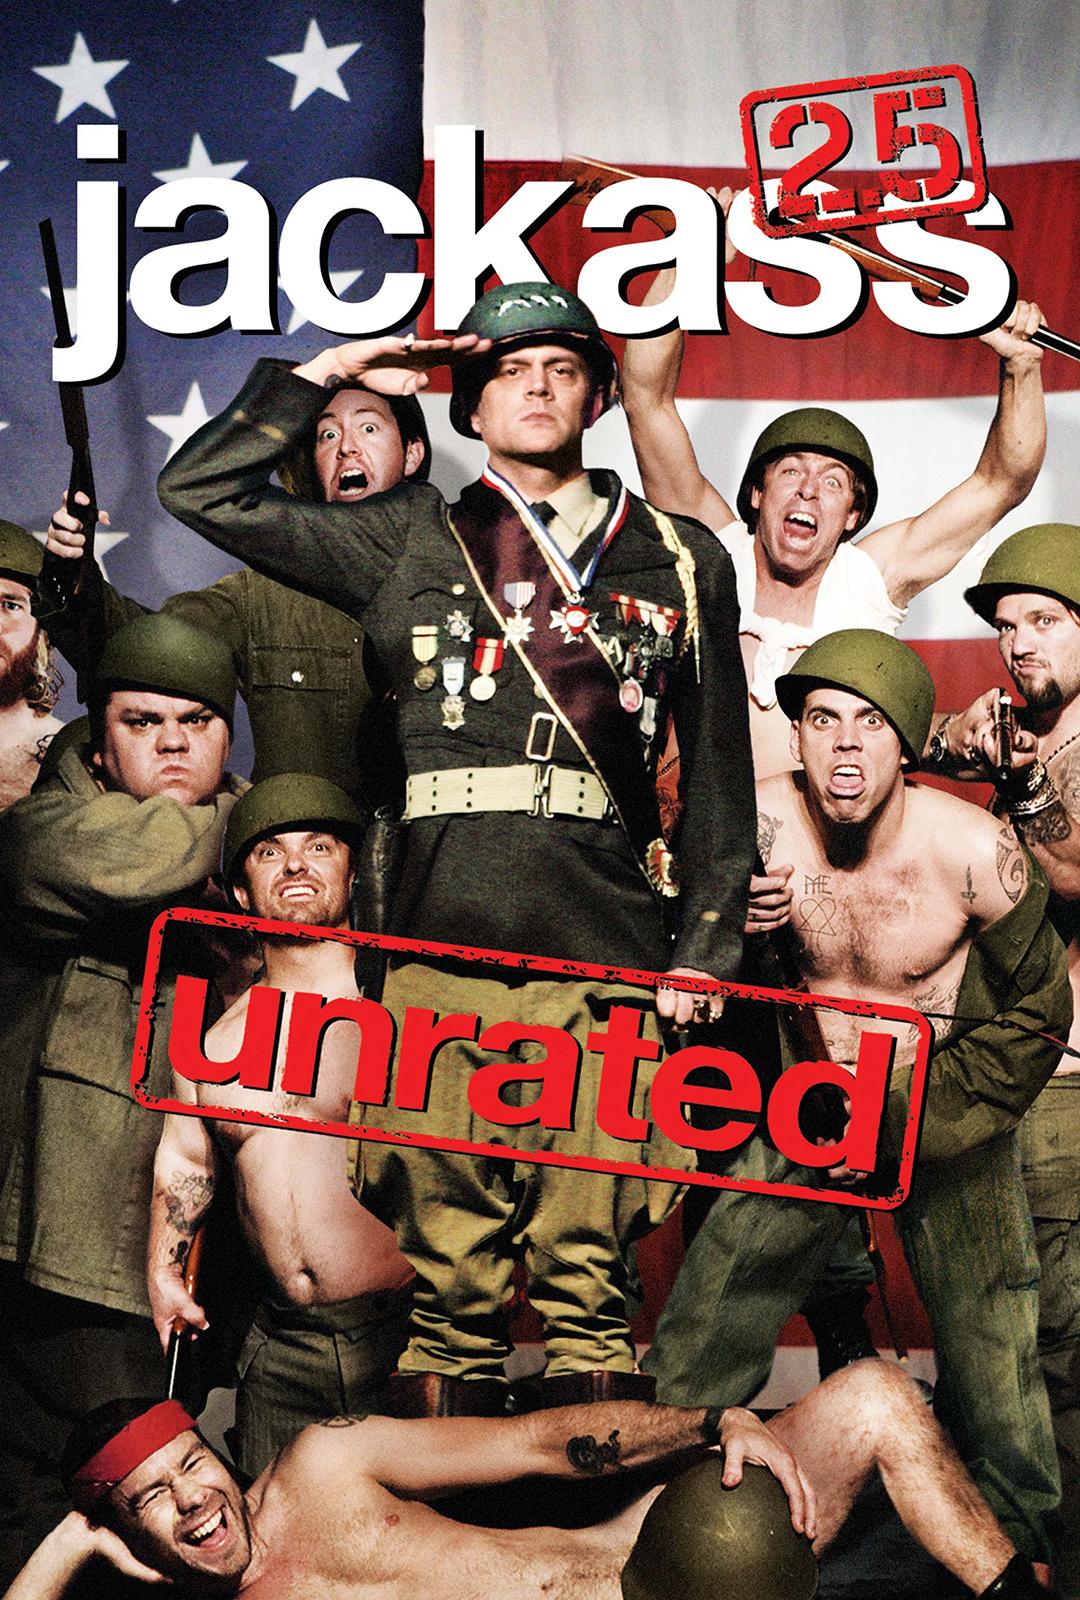 watch jackass 2 free online